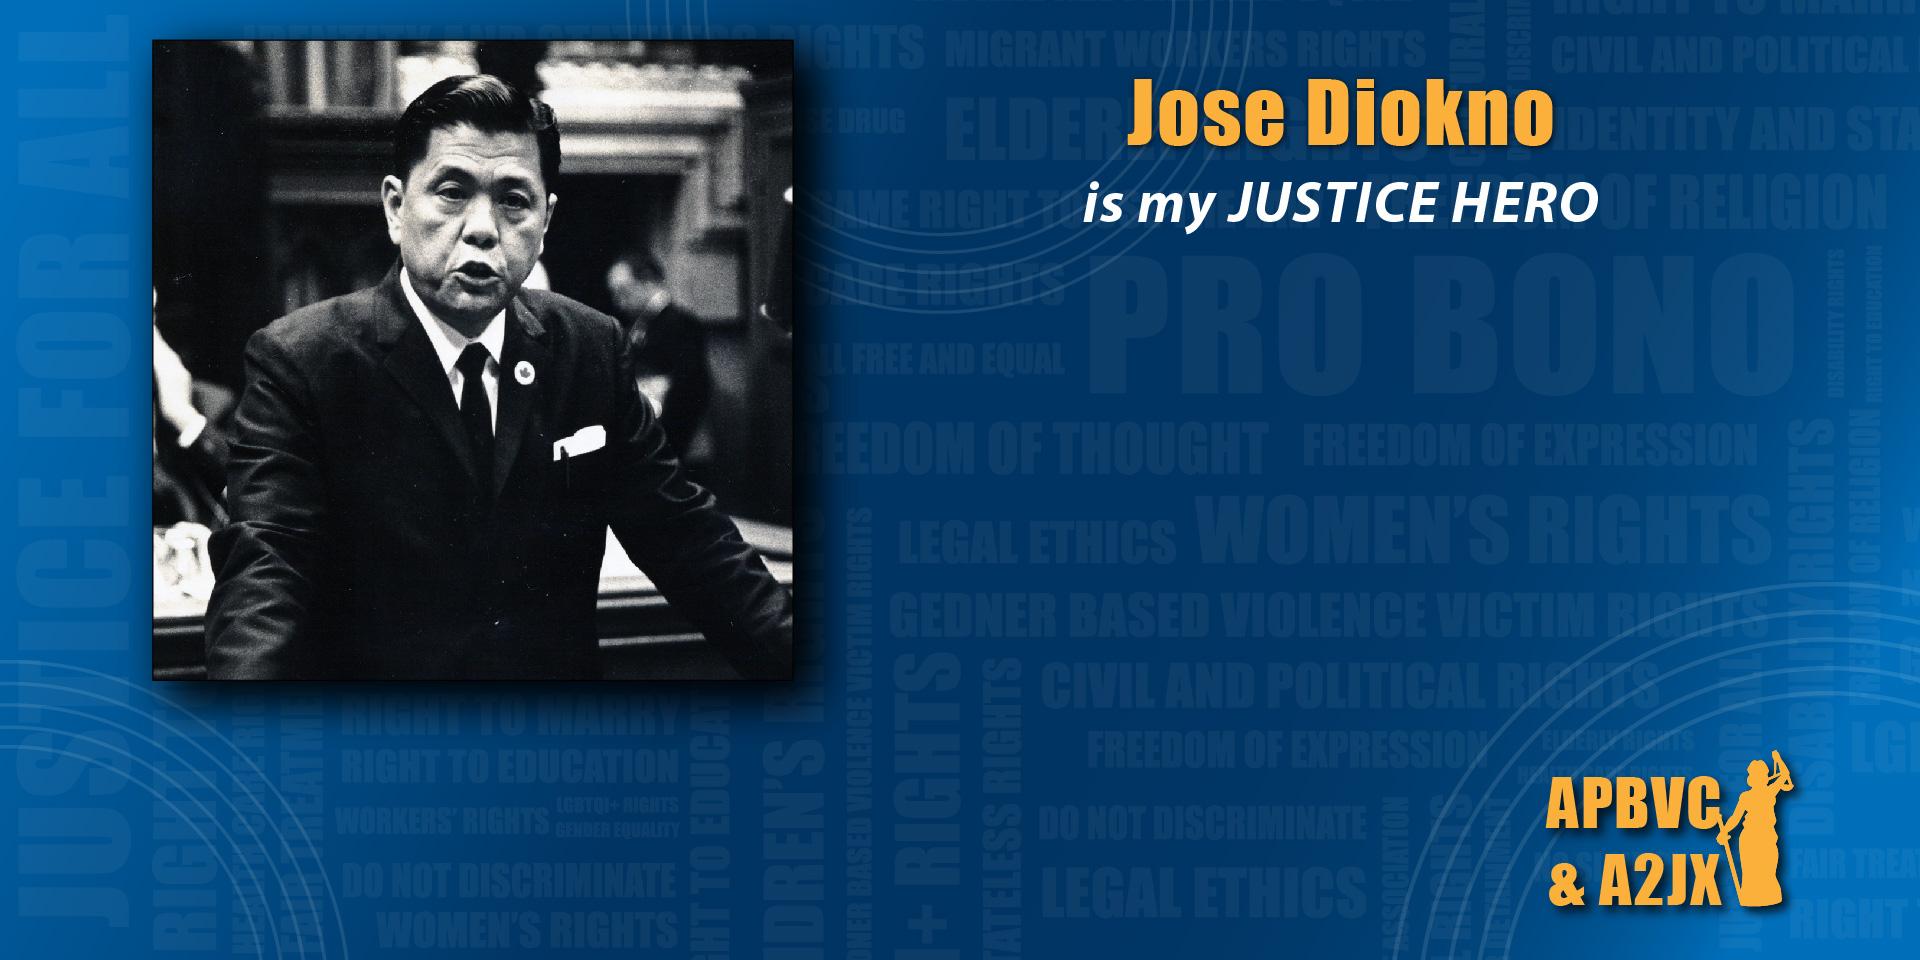 Jose Diokno